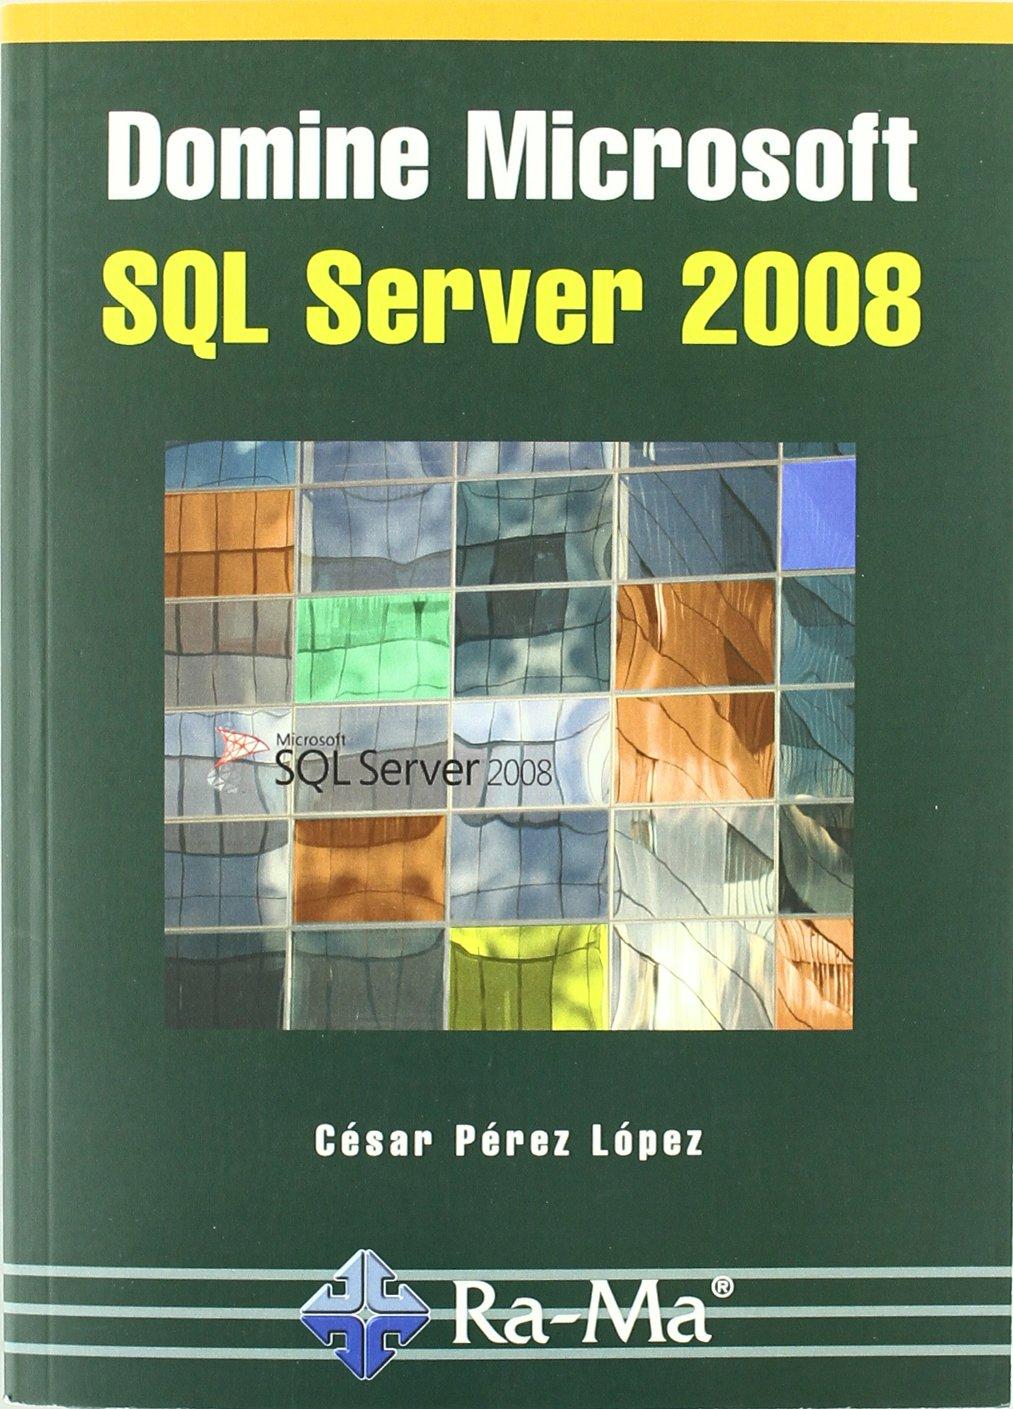 Domine microsoft SQL Server 2008 pdf